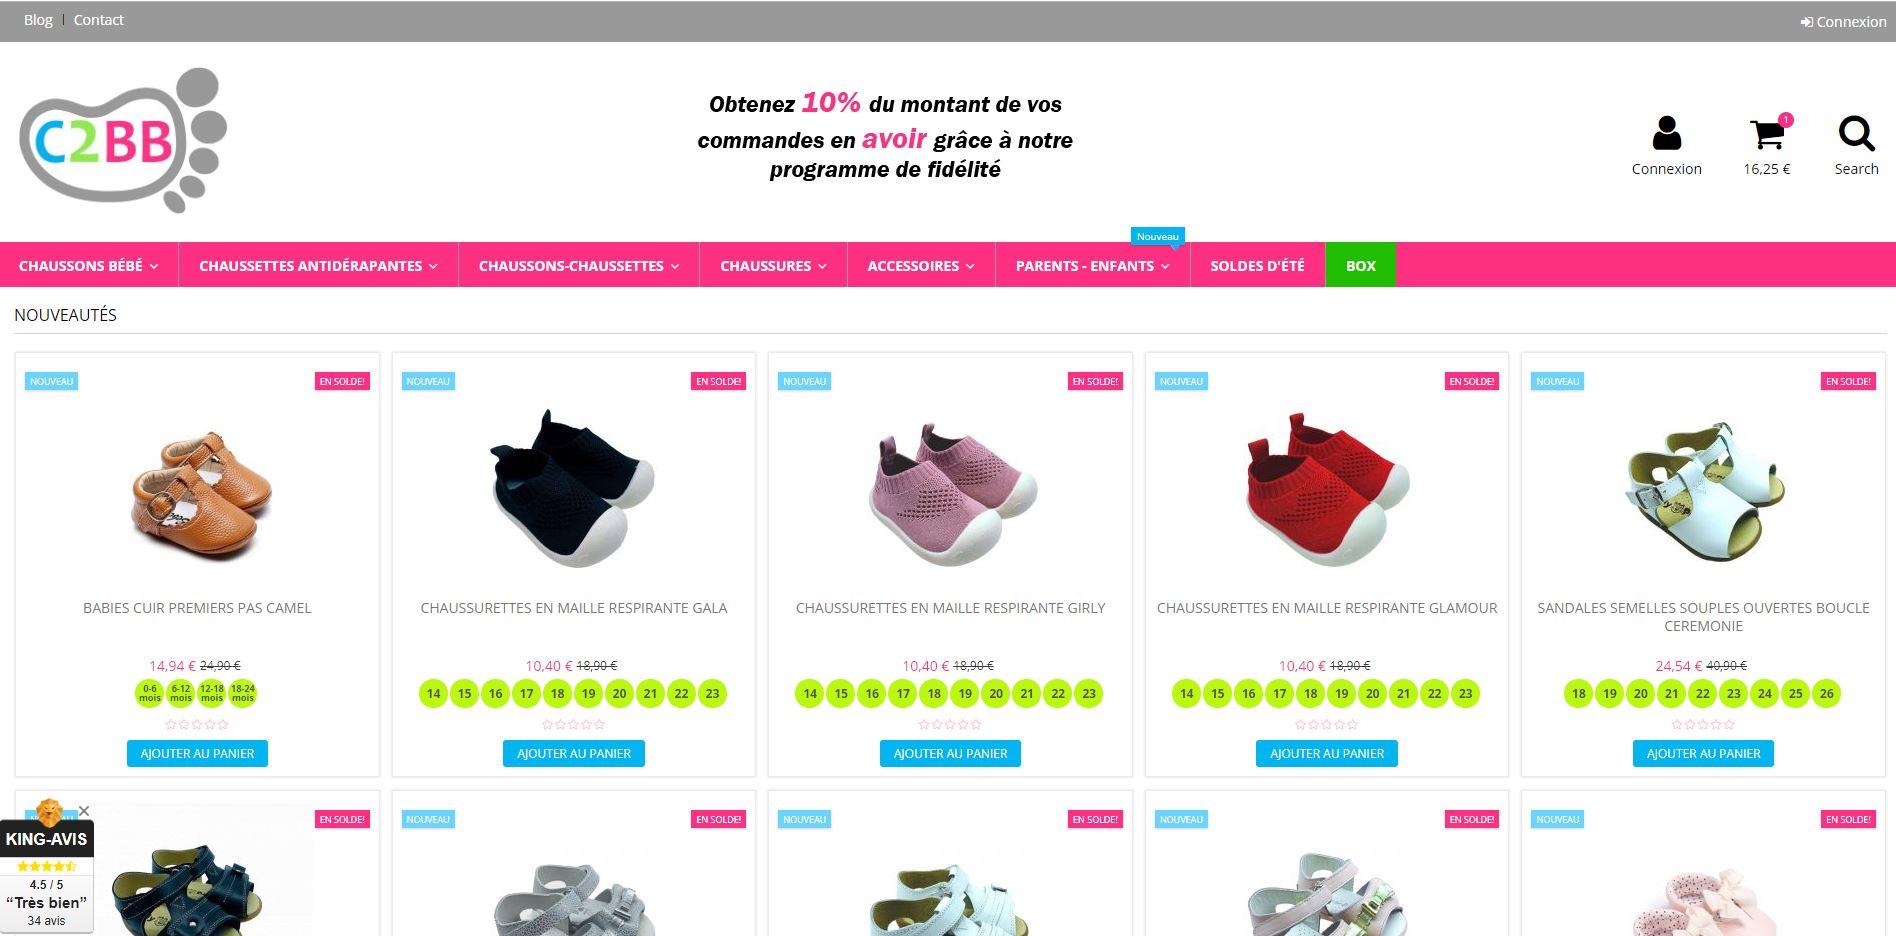 c2bb chaussures chausson chaussette pour bébé et enfant à Toulouse